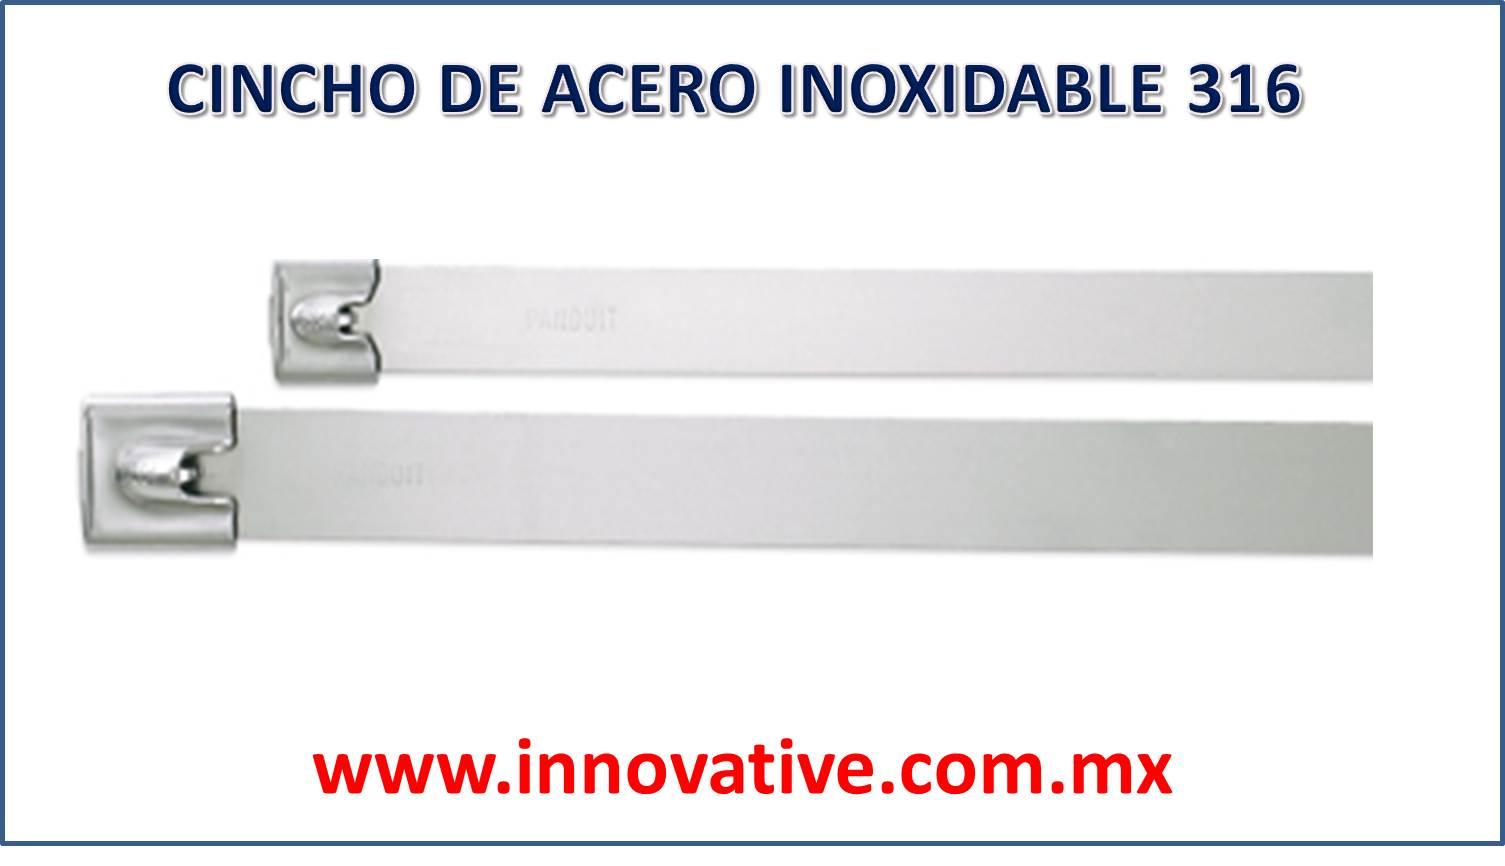 Cincho de acero inoxidable 316 for Brochetas de acero inoxidable